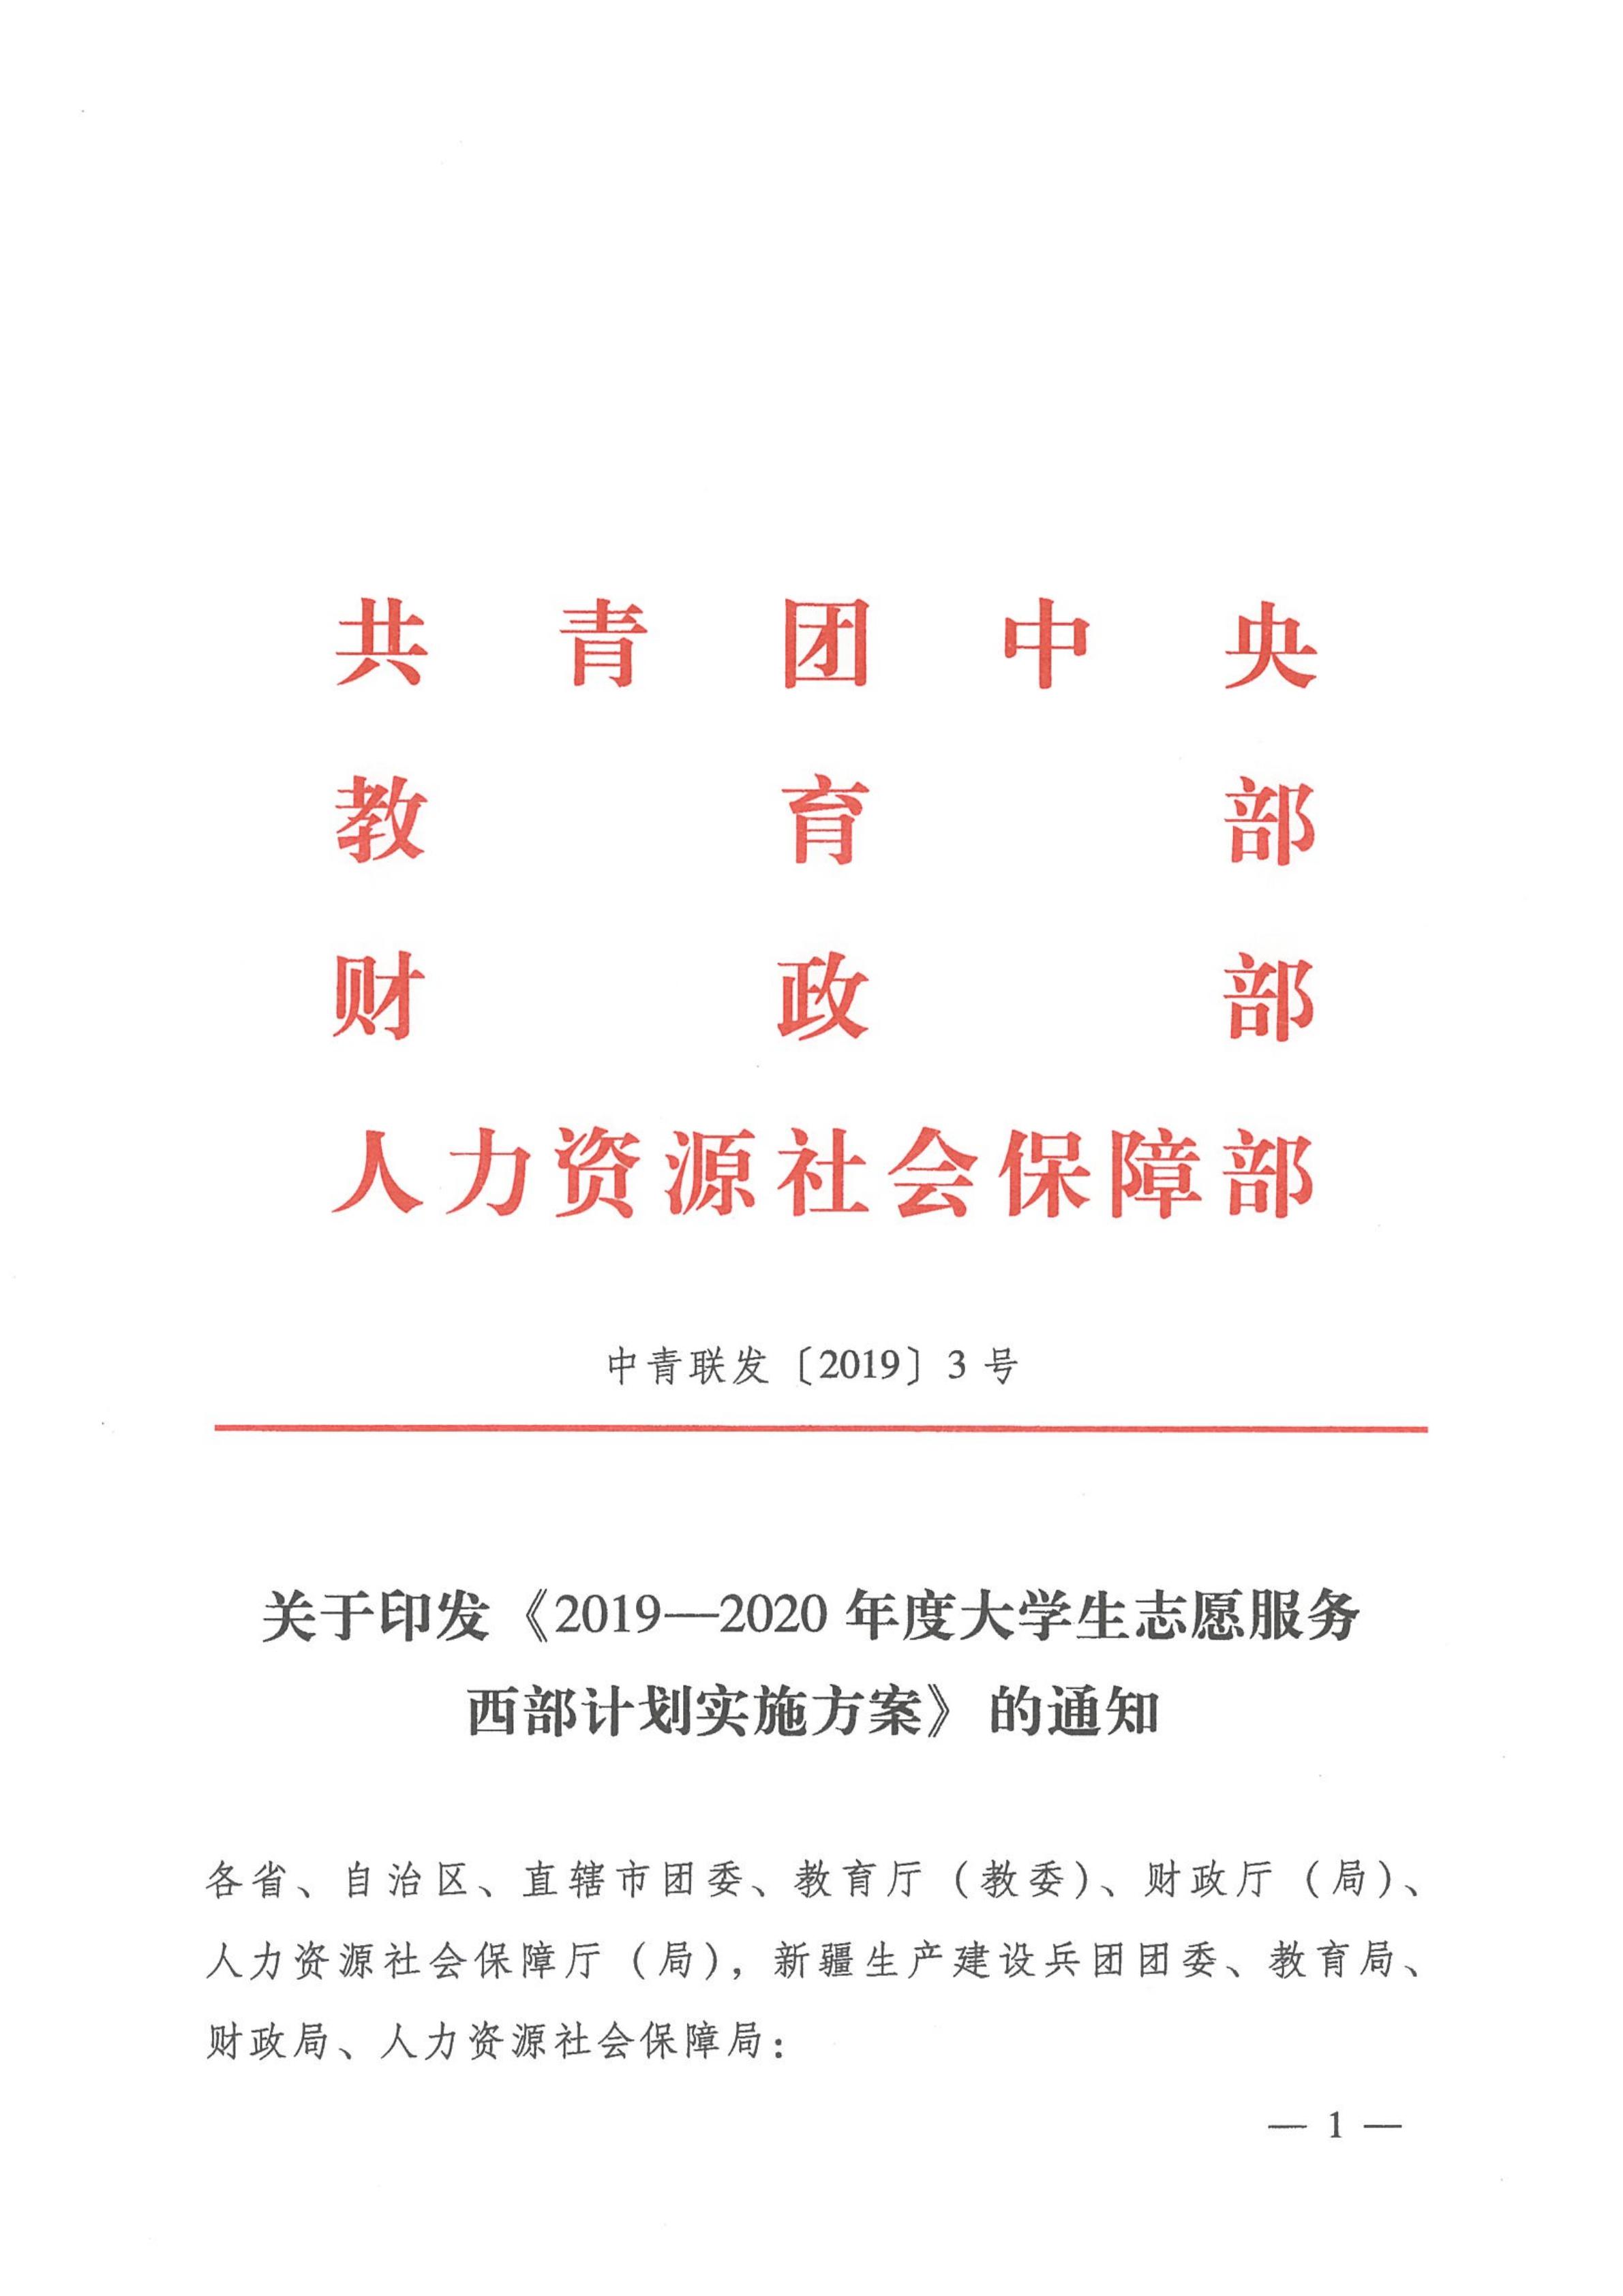 7-晋科院团[2019]7号-关于转发共青团中央《关于印发2019-2020年度大学生志愿服务西部计划实施方案》的通知》的通知_01.png